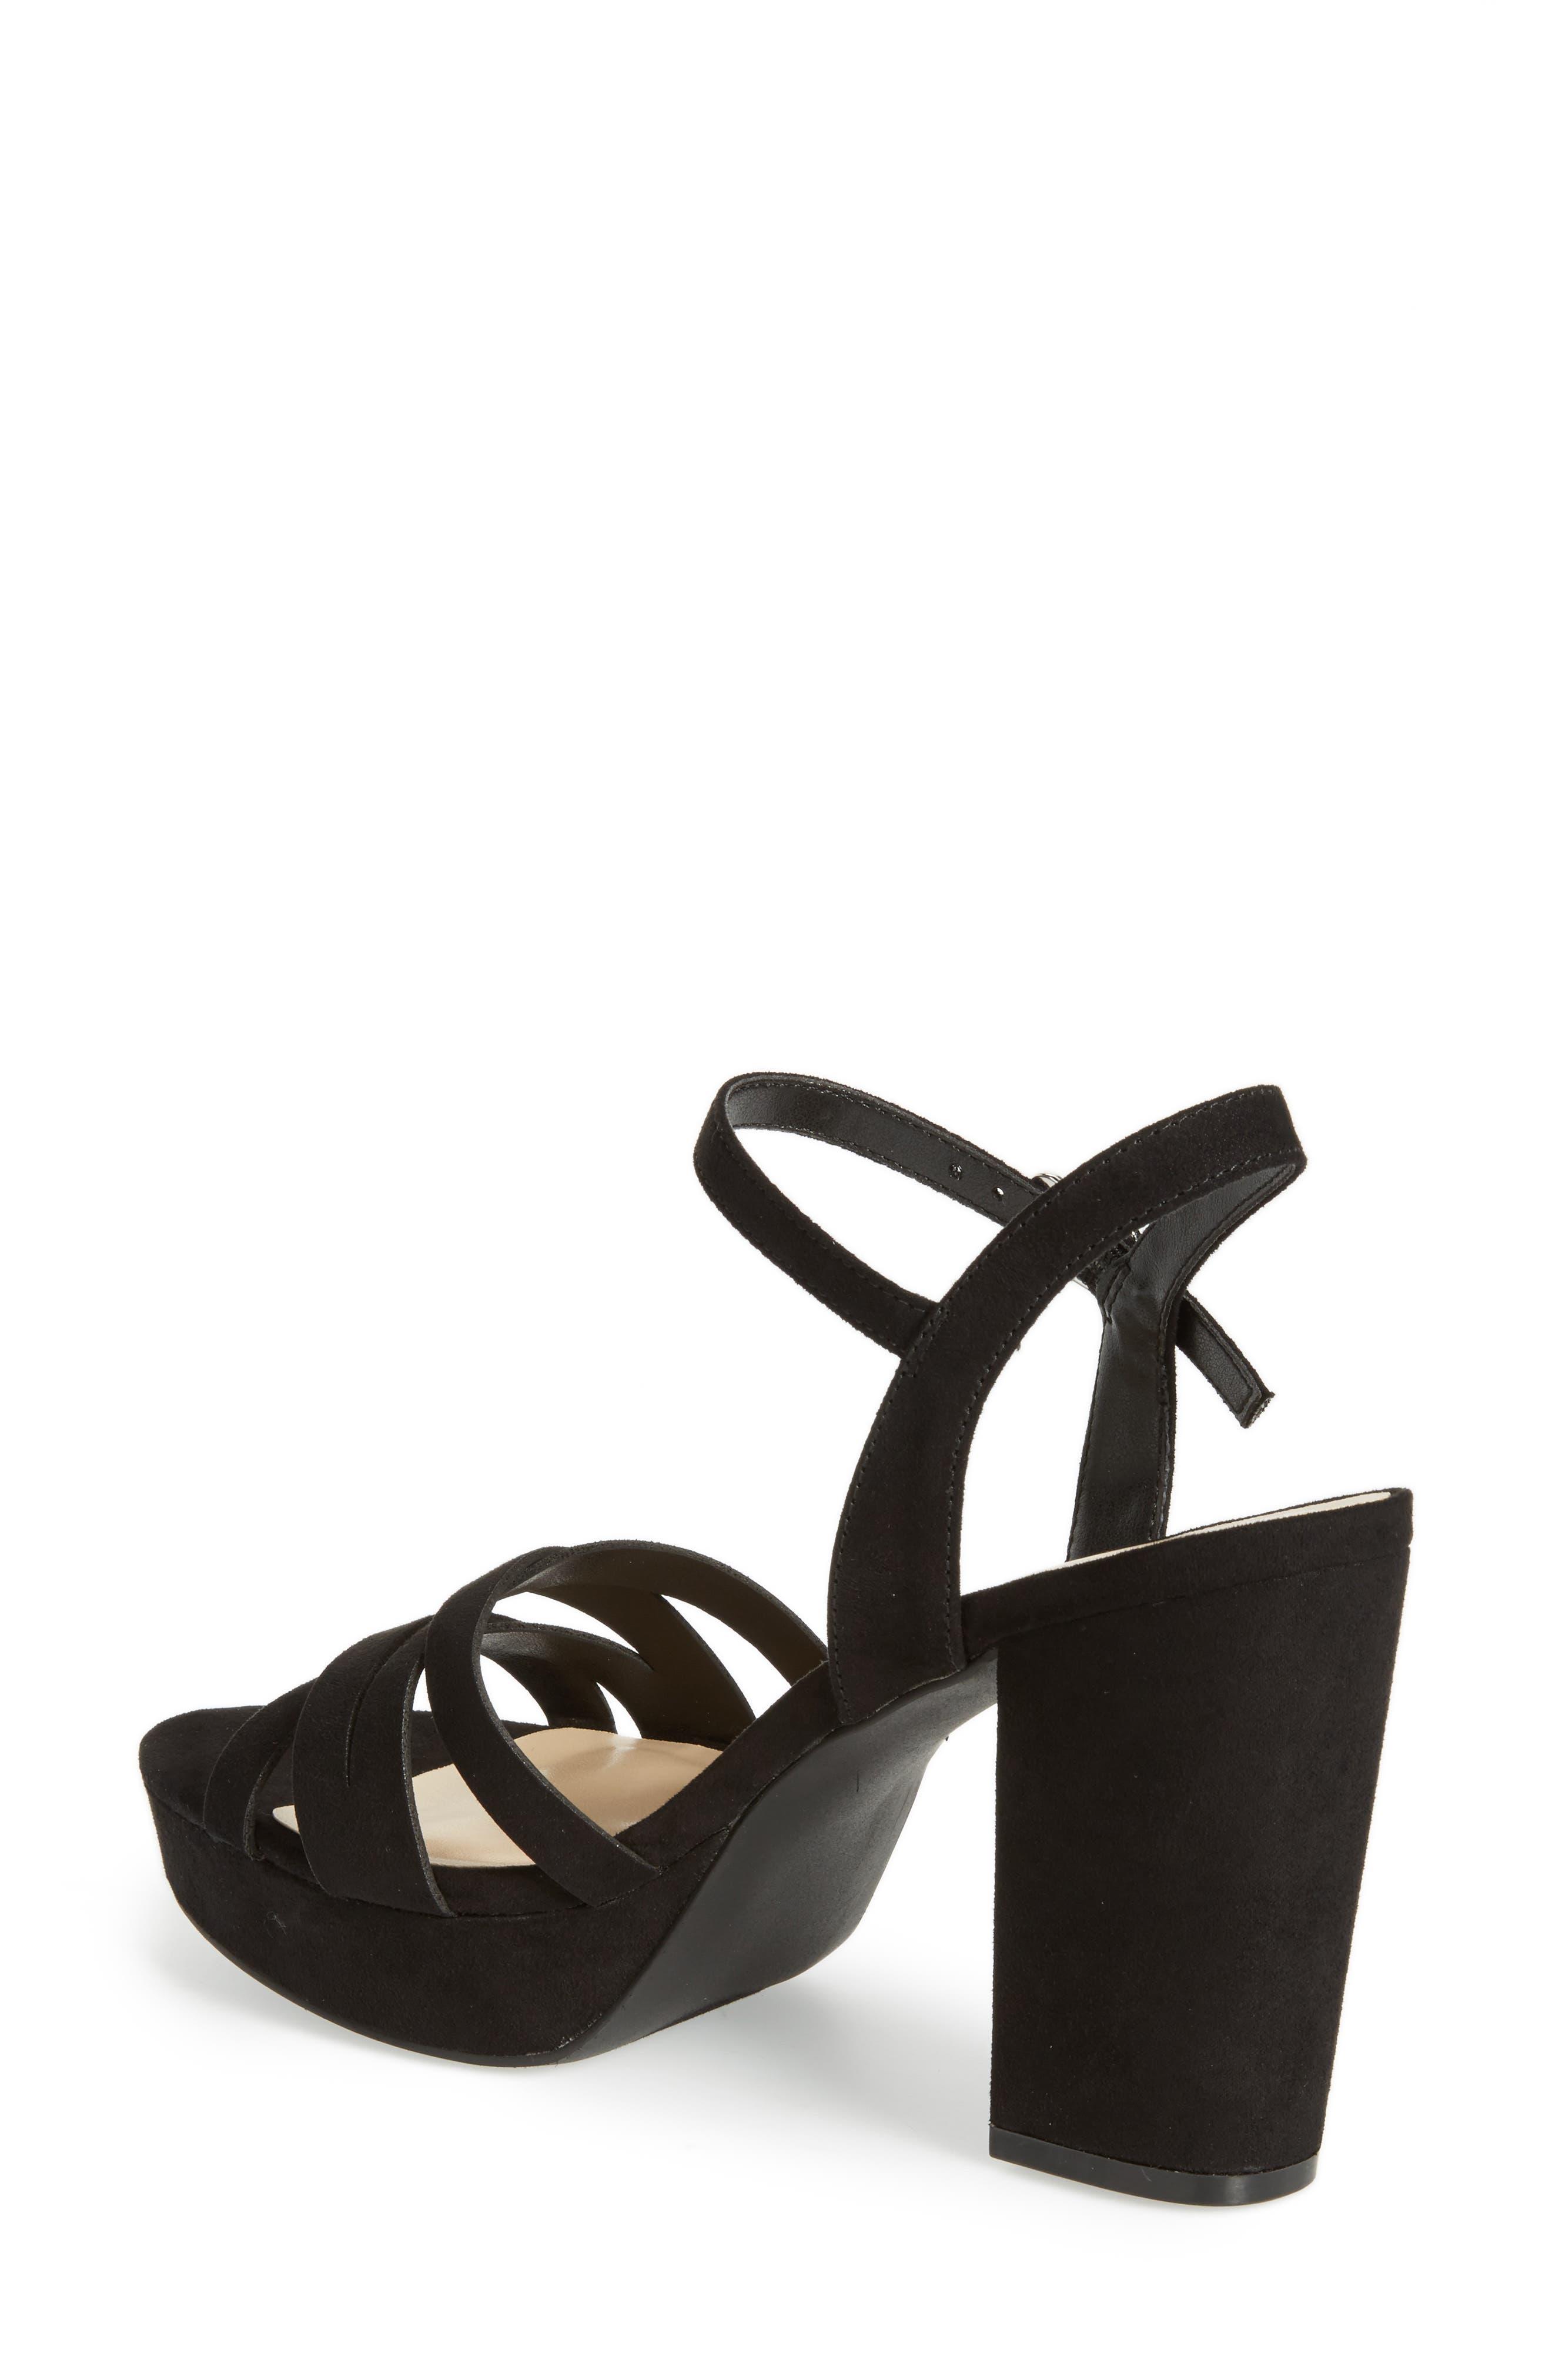 Paxx Platform Sandal,                             Alternate thumbnail 2, color,                             Black Faux Suede